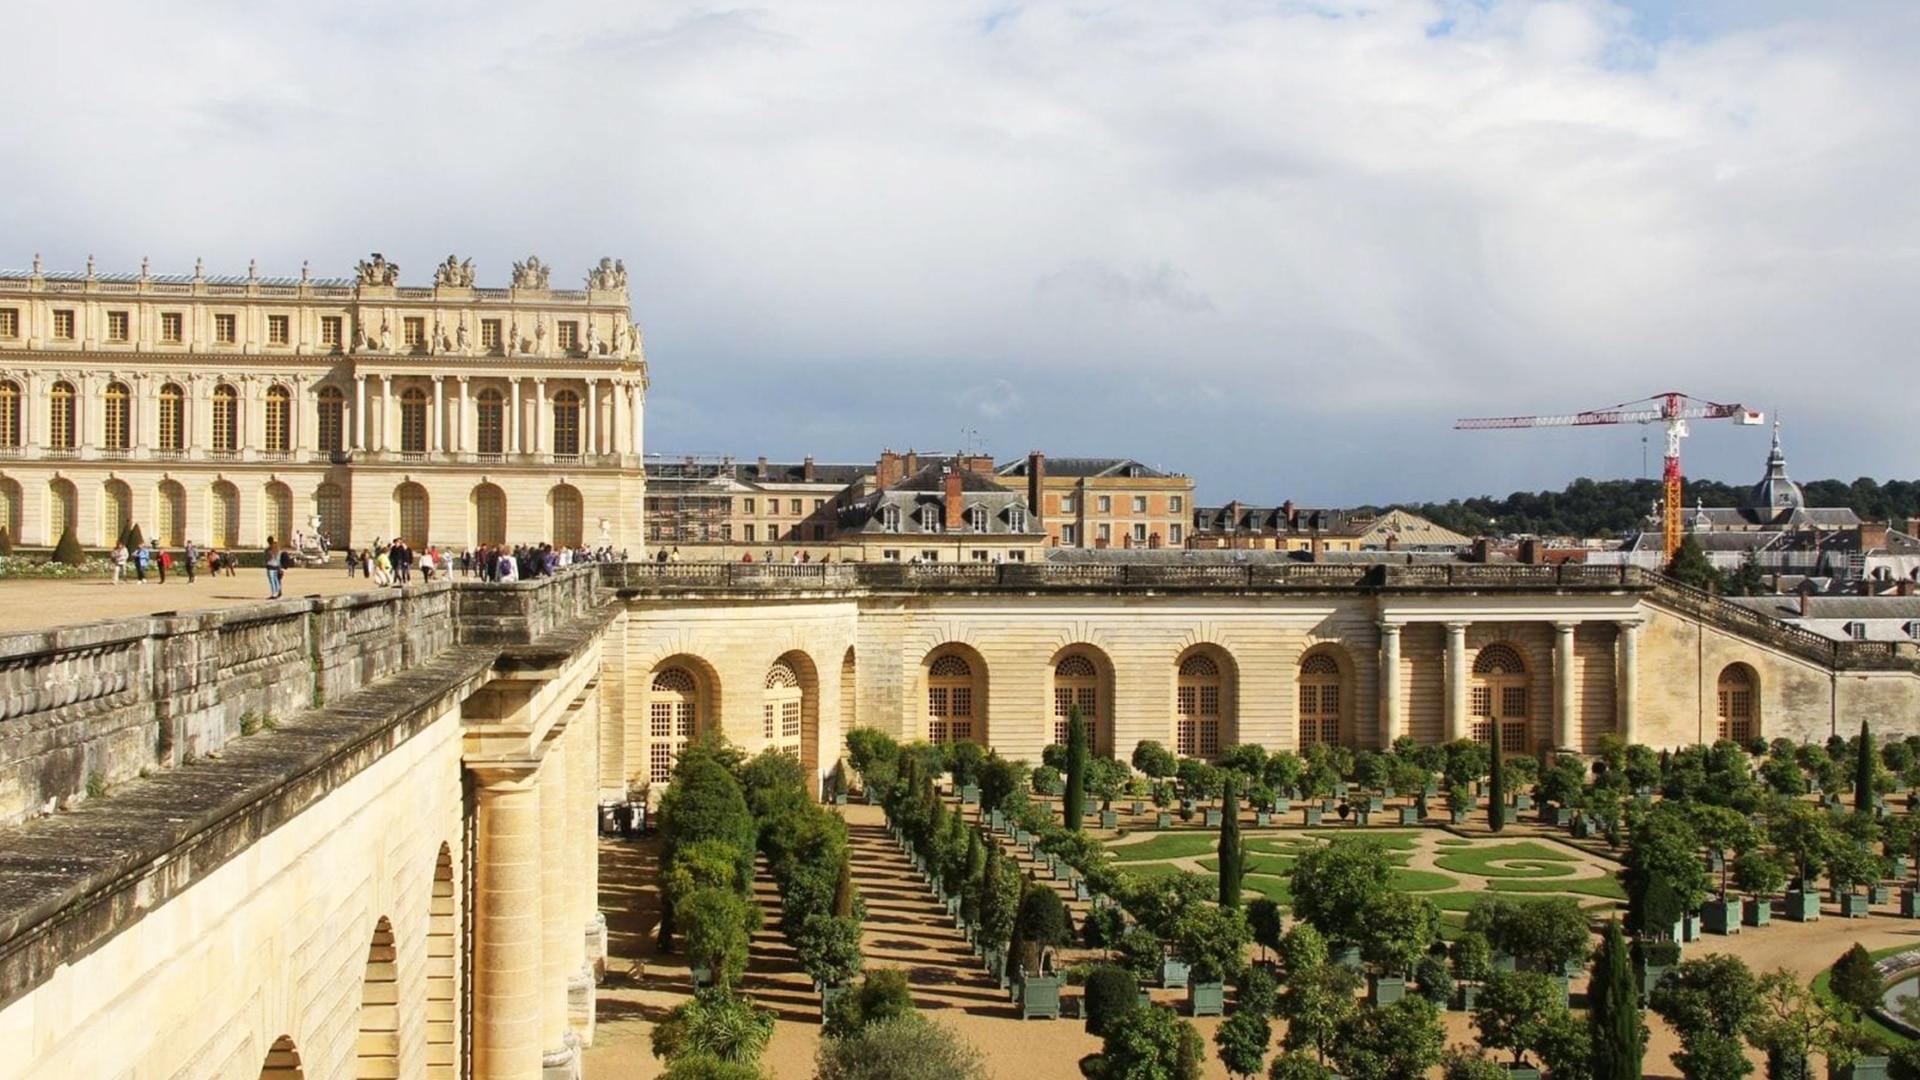 Visiter le Château de Versailles : les jardins